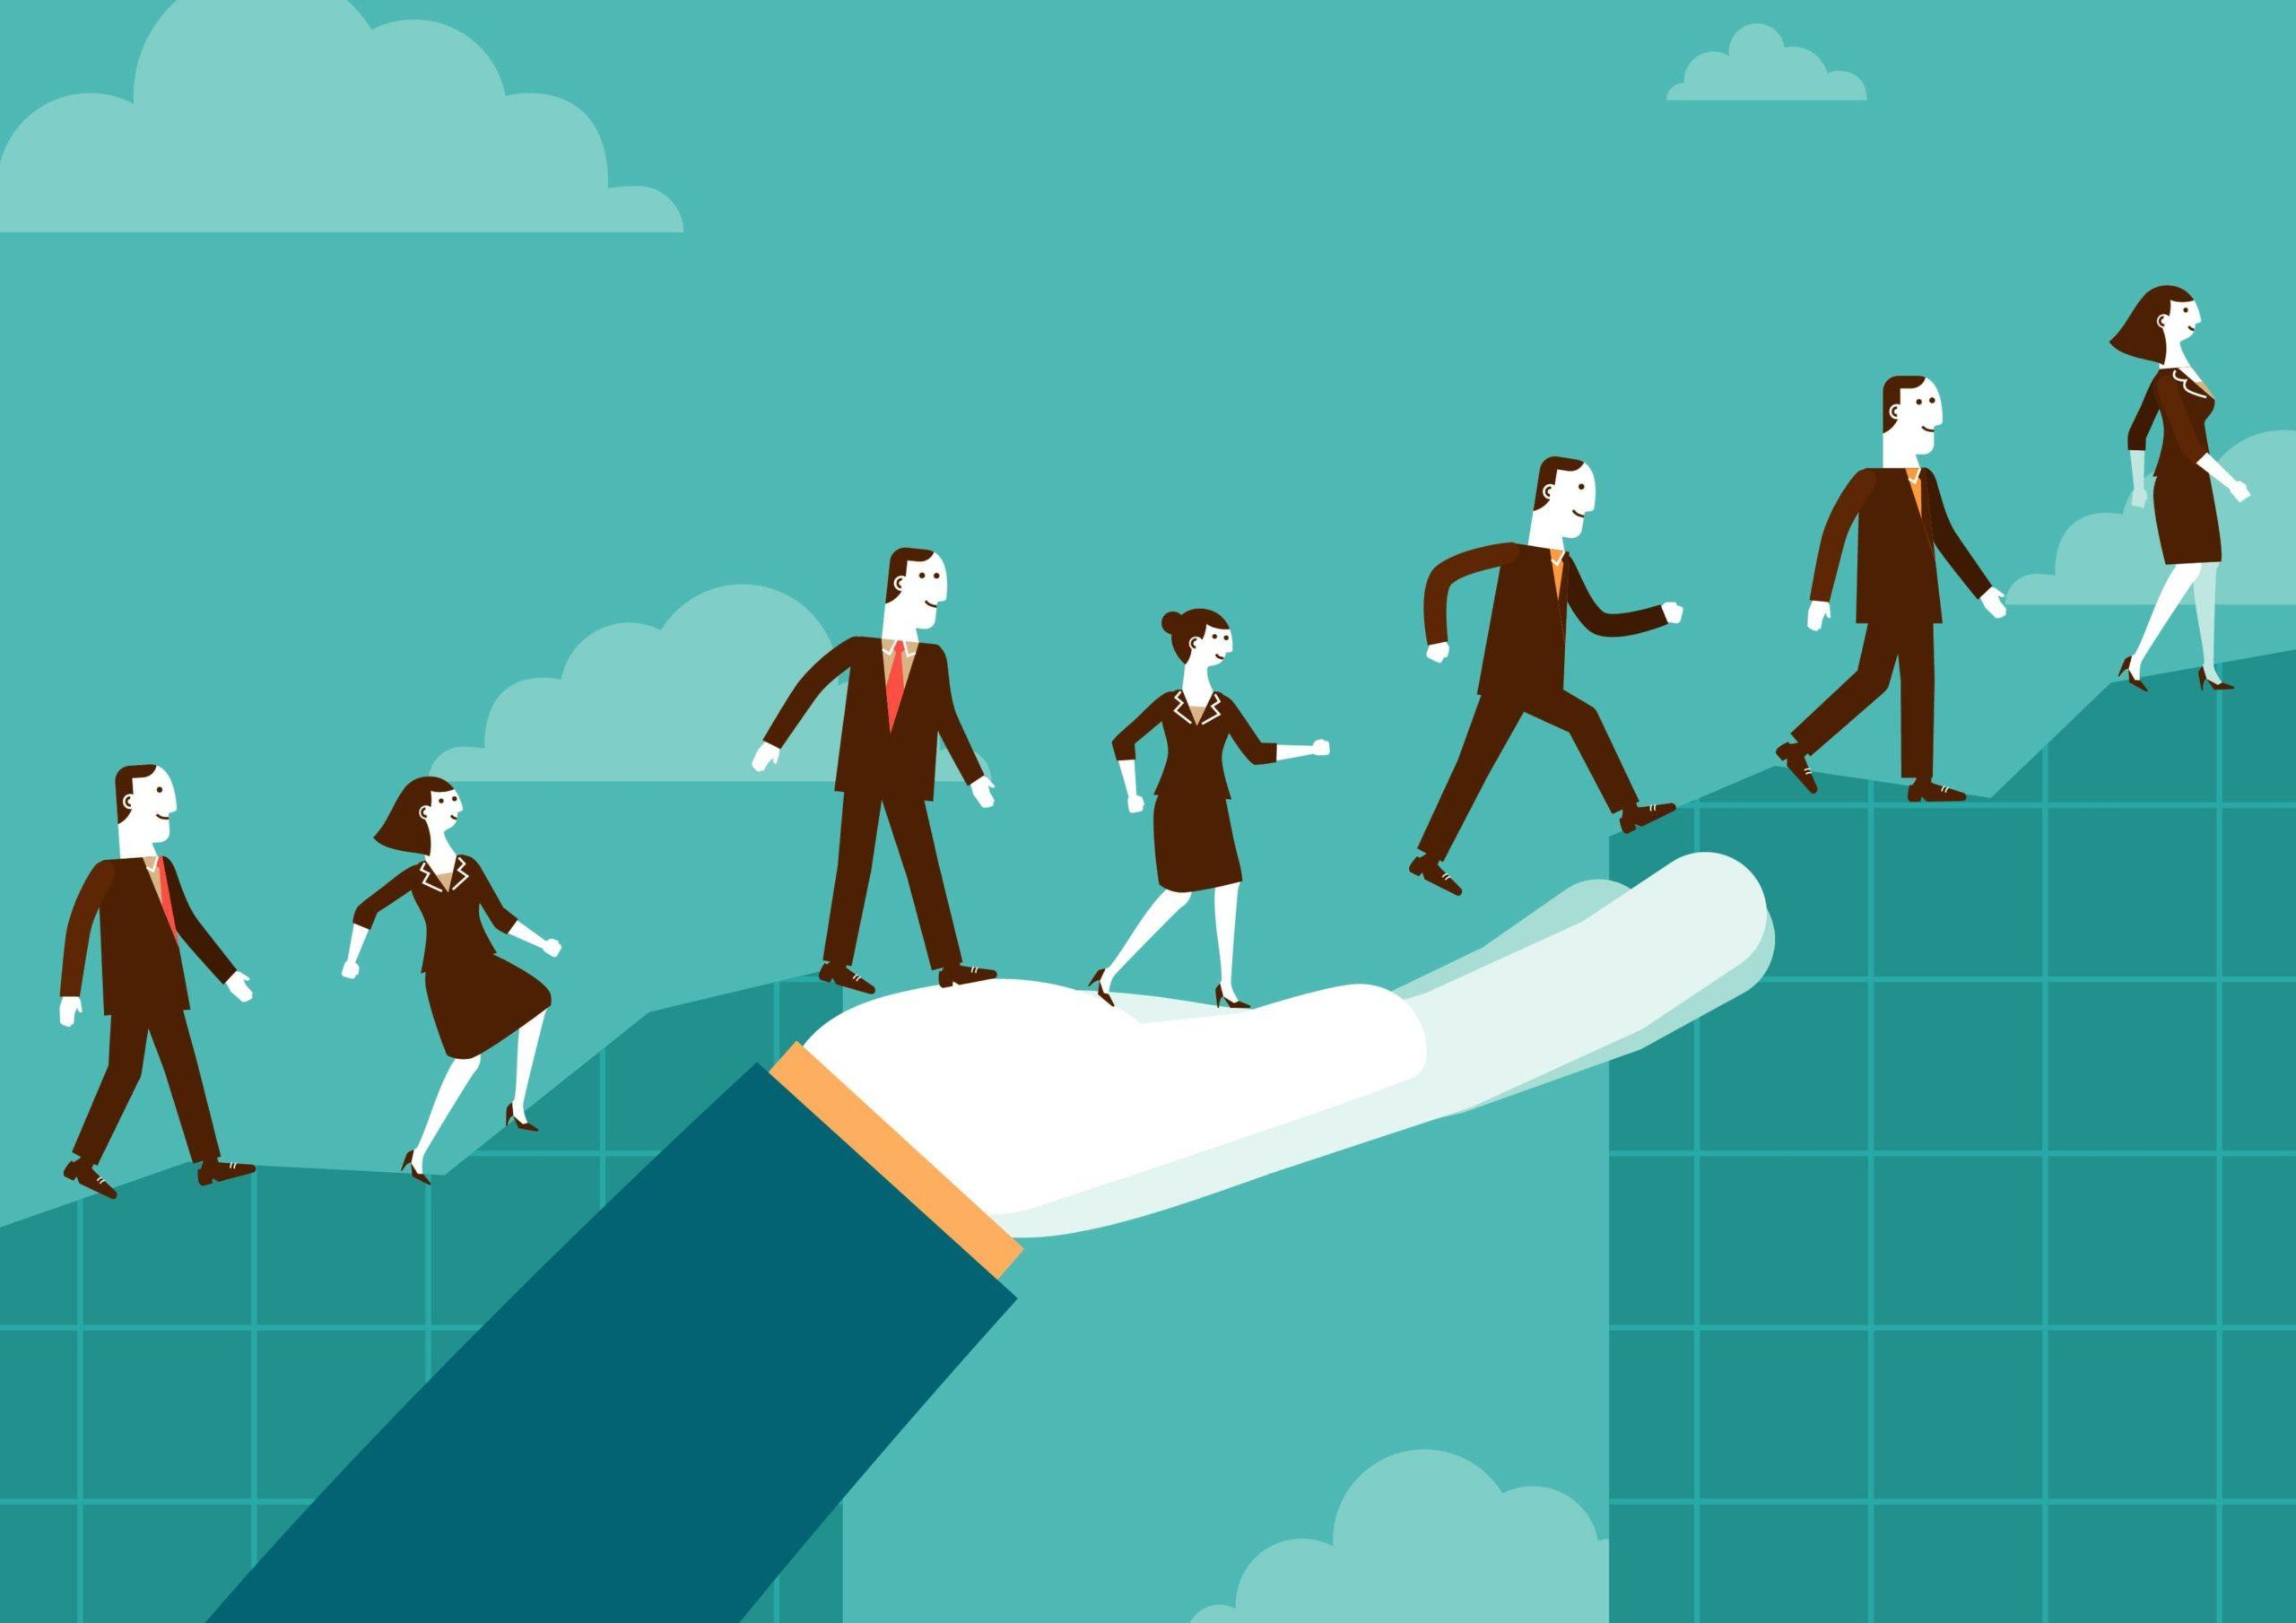 Người lãnh đạo phải đầu tư tài chính, thời gian, tư duy và năng lượng vào việc phát triển những người lãnh đạo kế tiếp